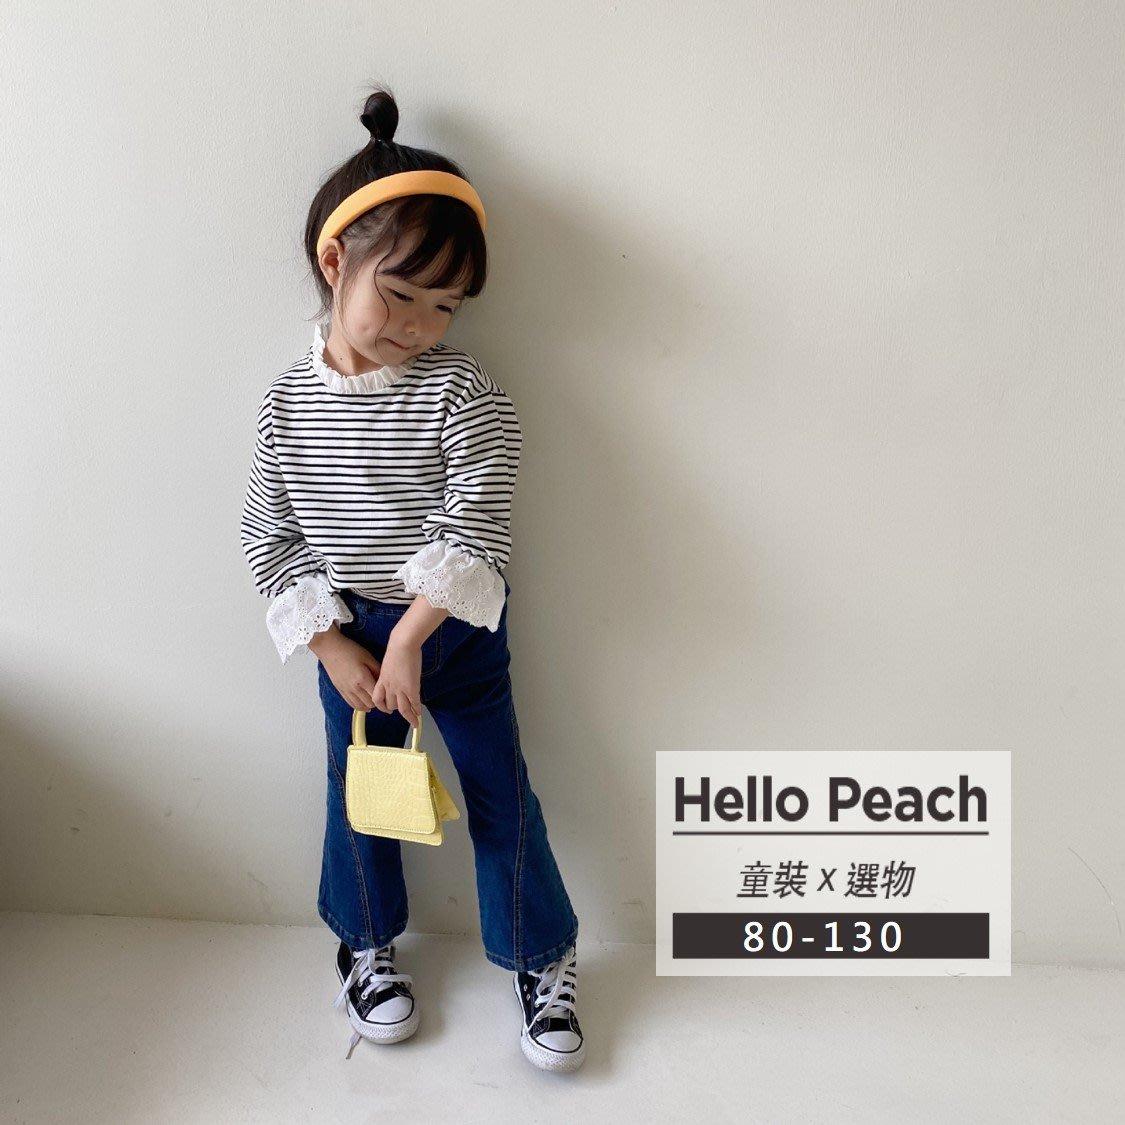 熱賣!氣質花邊袖 橫條長袖上衣  女童裝 Hello Peach